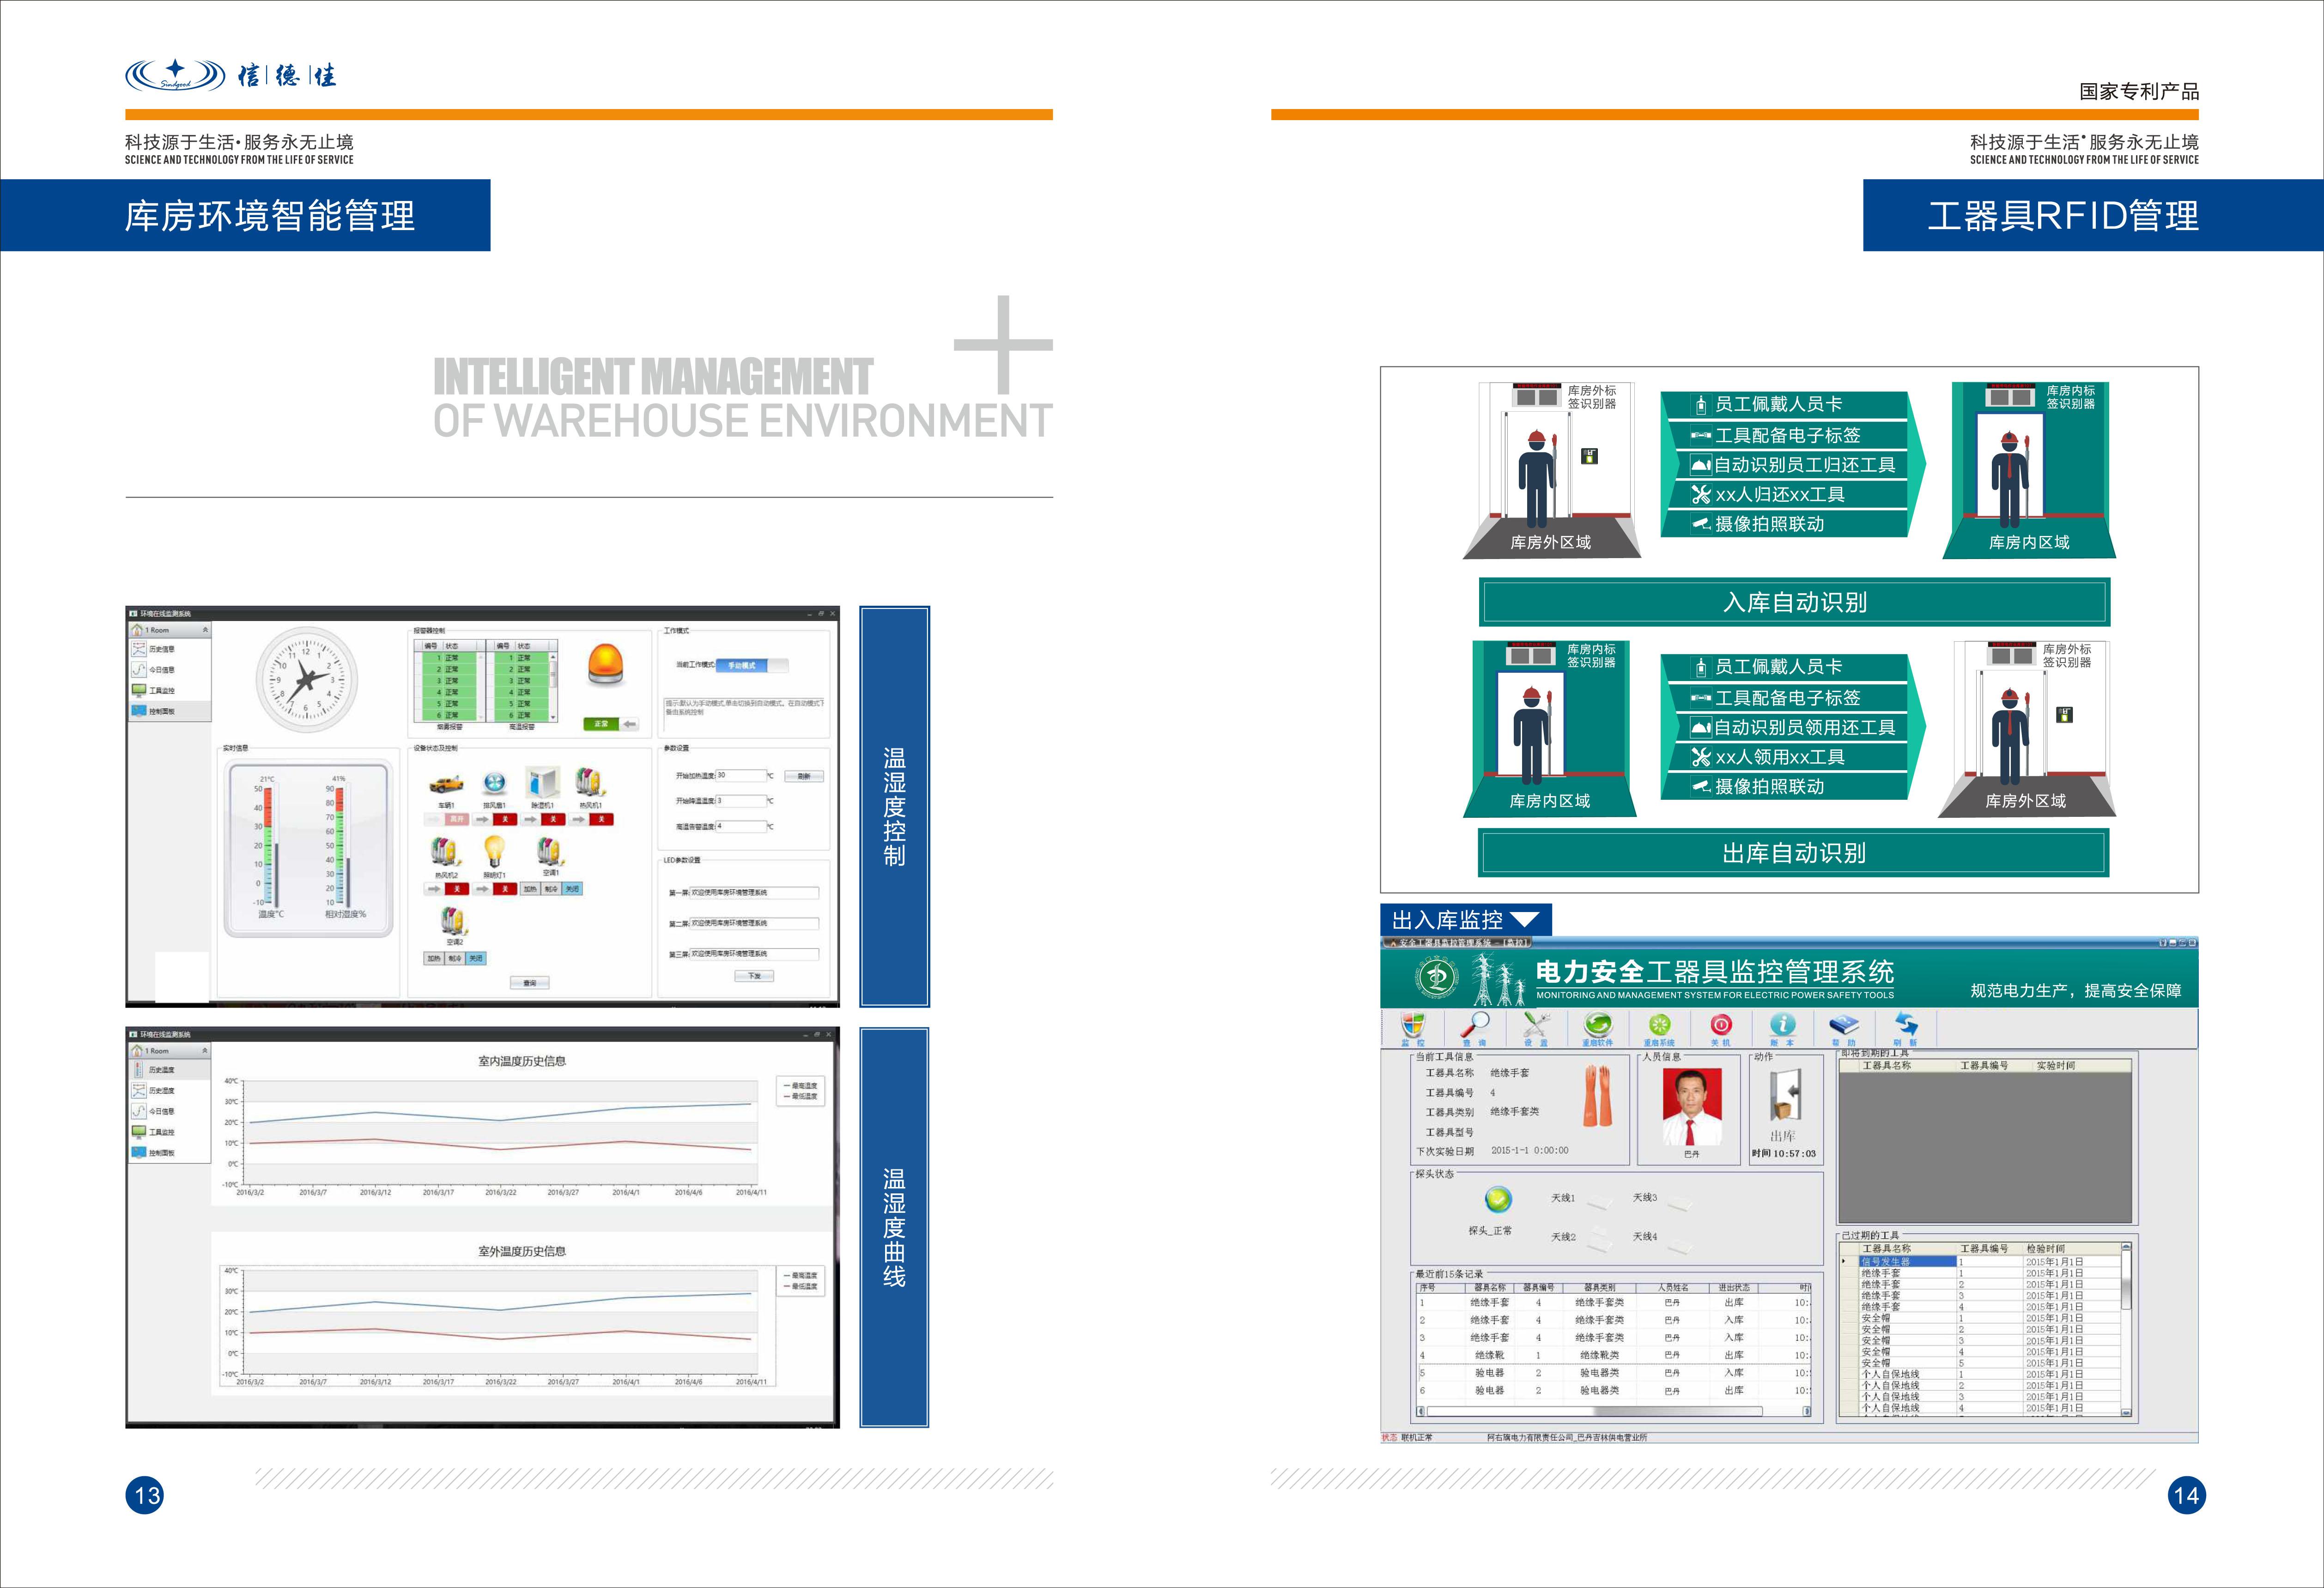 广告册-智能带电作业库房管理-8.jpg